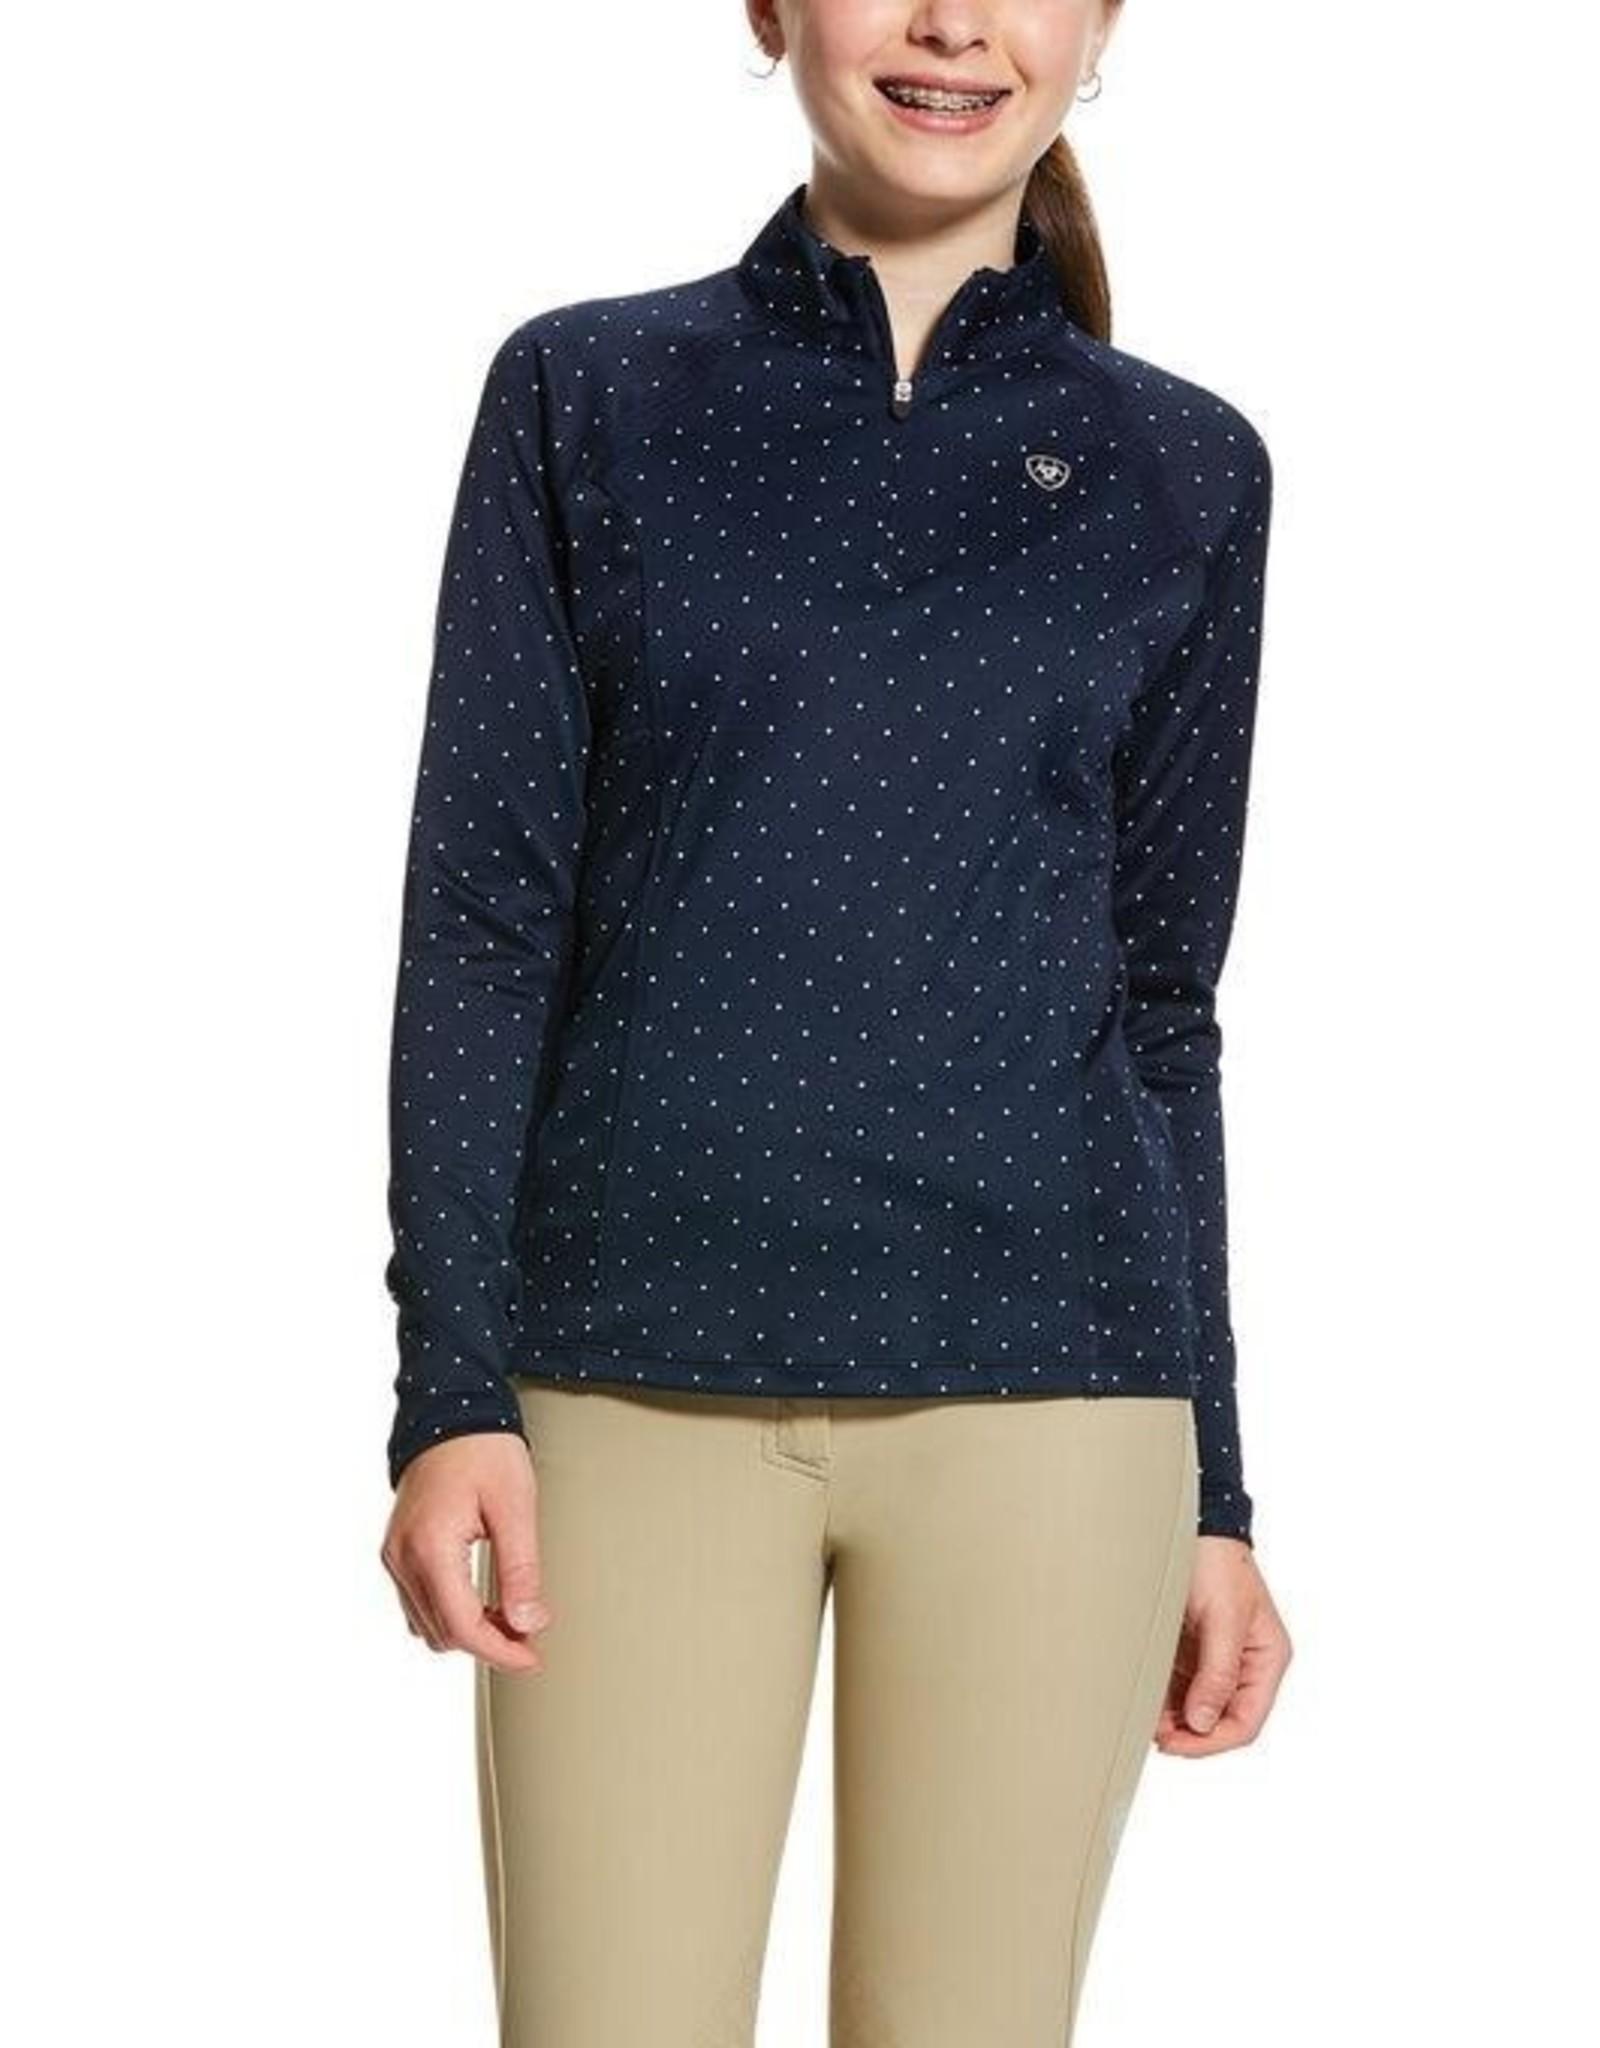 Ariat Kids Sunstopper 2.0 1/4 Zip Baselayer Shirt